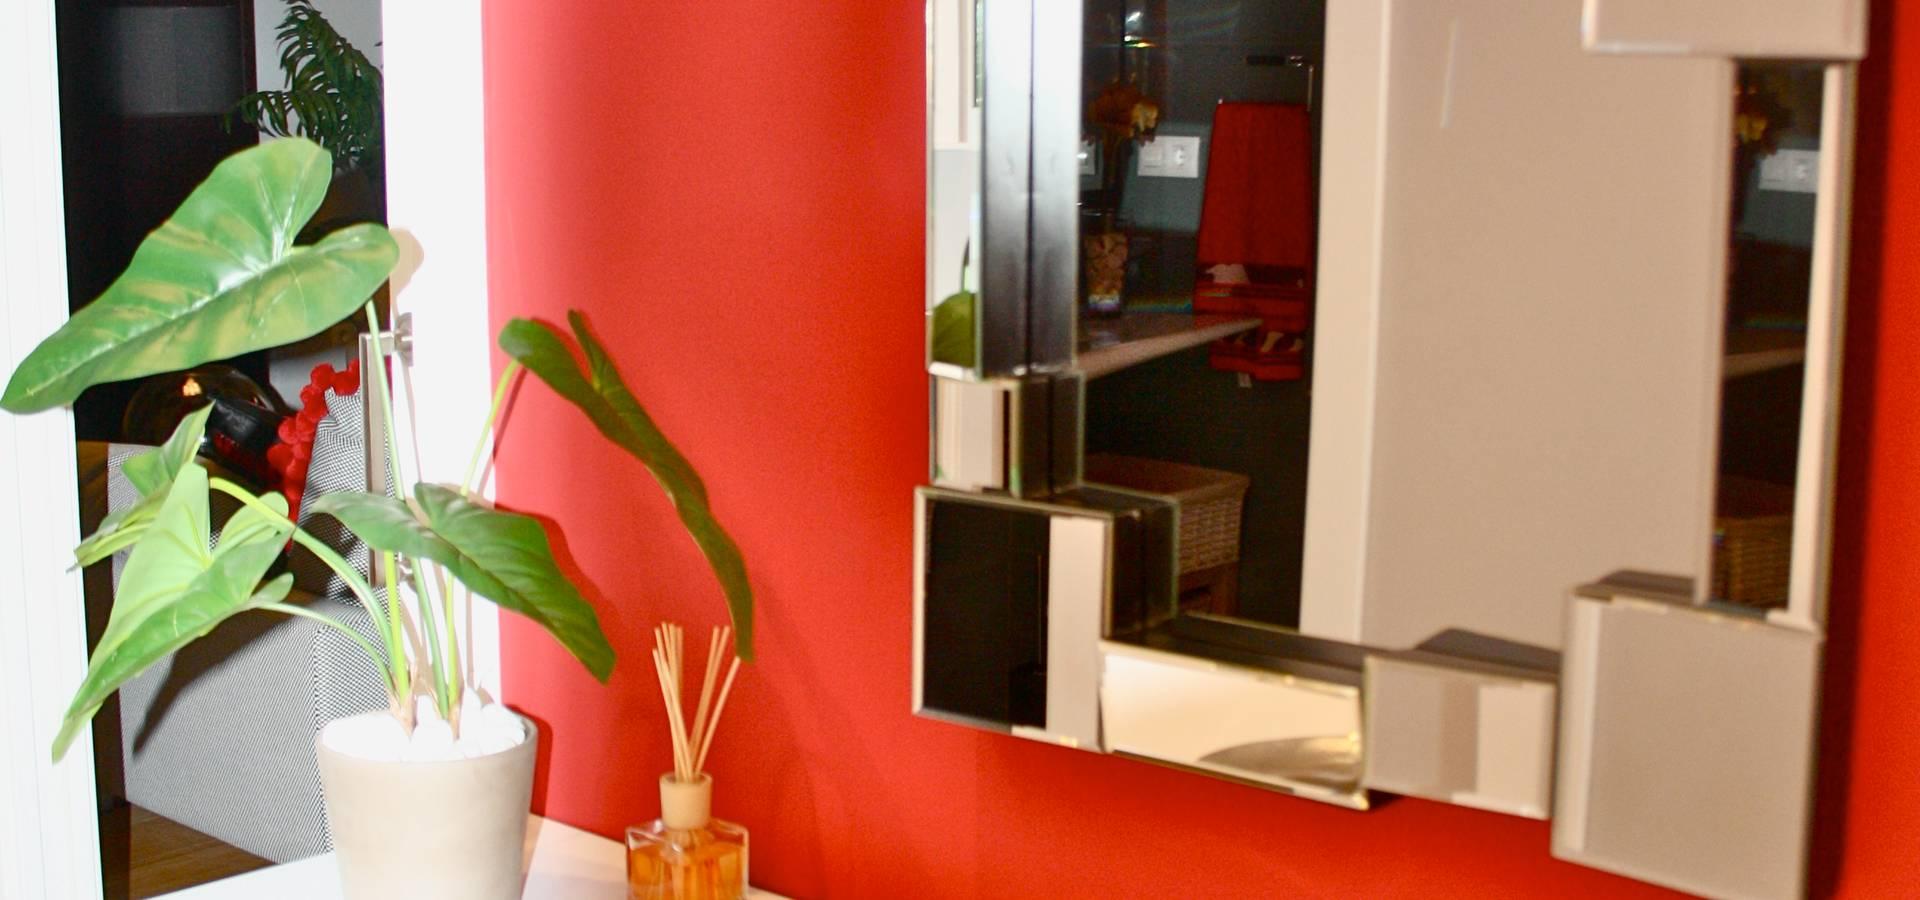 Decoroconmuchogusto decoradores y dise adores de - Decoradores de interiores en bilbao ...